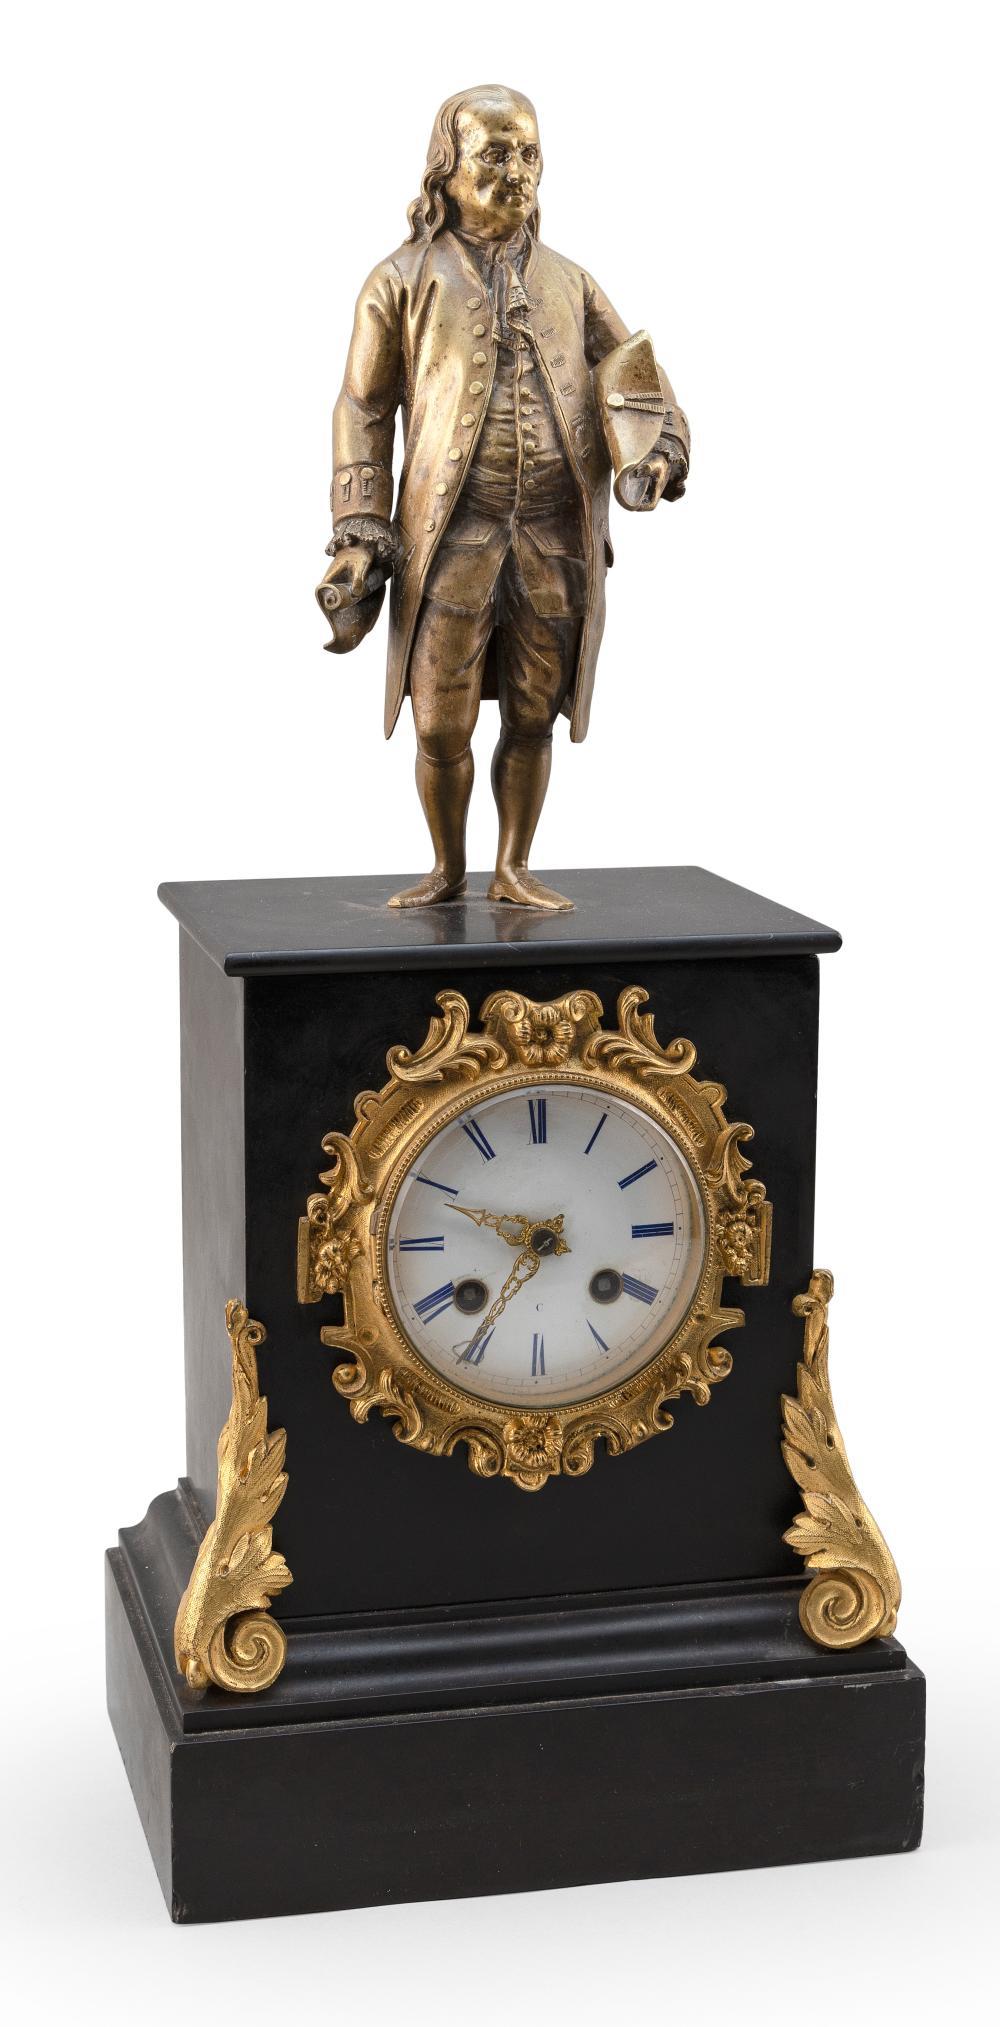 """BENJAMIN FRANKLIN MANTEL CLOCK 19th Century Height 18.5""""."""